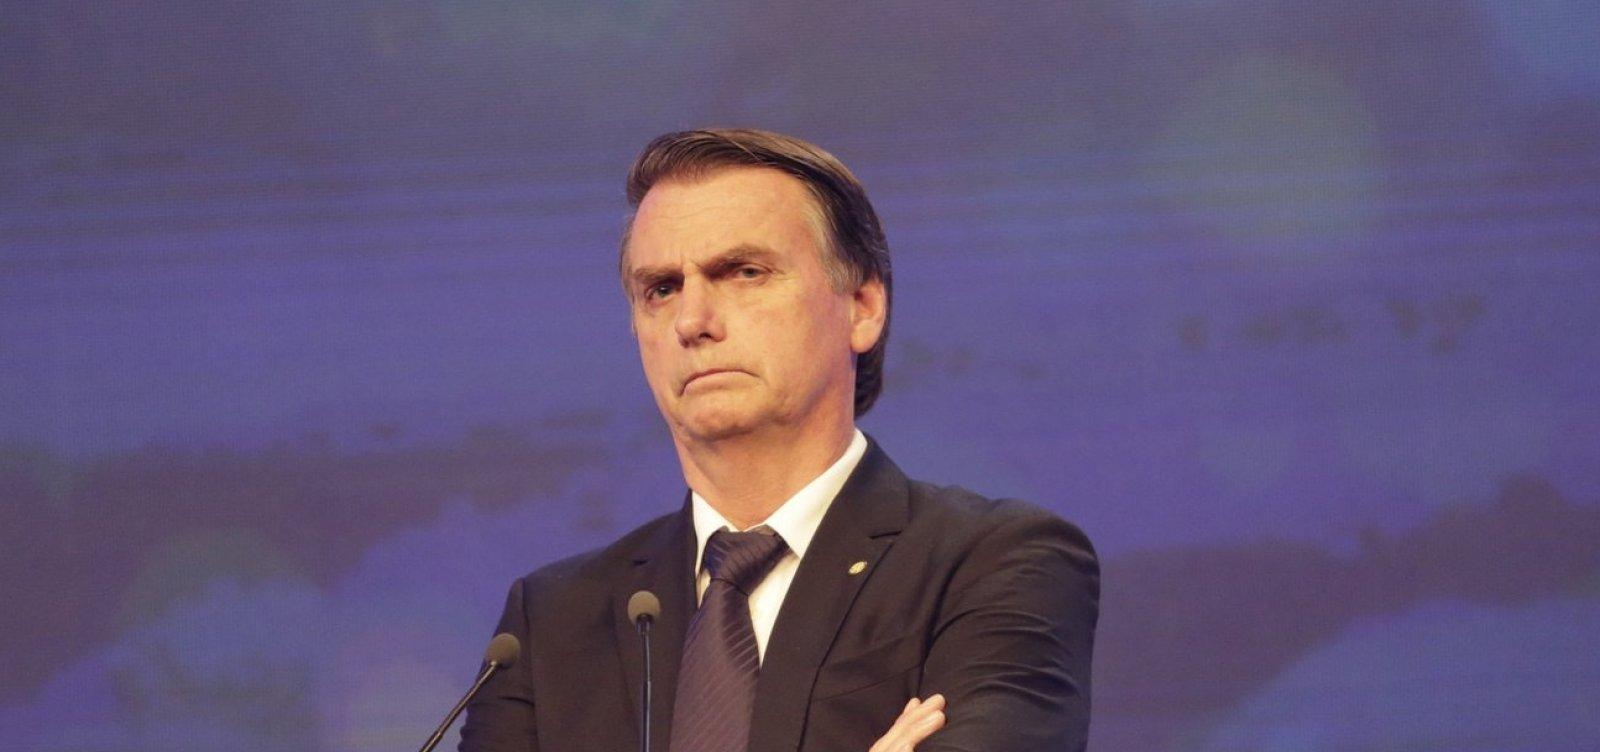 Não há decisão sobre a fusão dos ministérios da Agricultura e do Meio Ambiente, diz assessoria de Bolsonaro